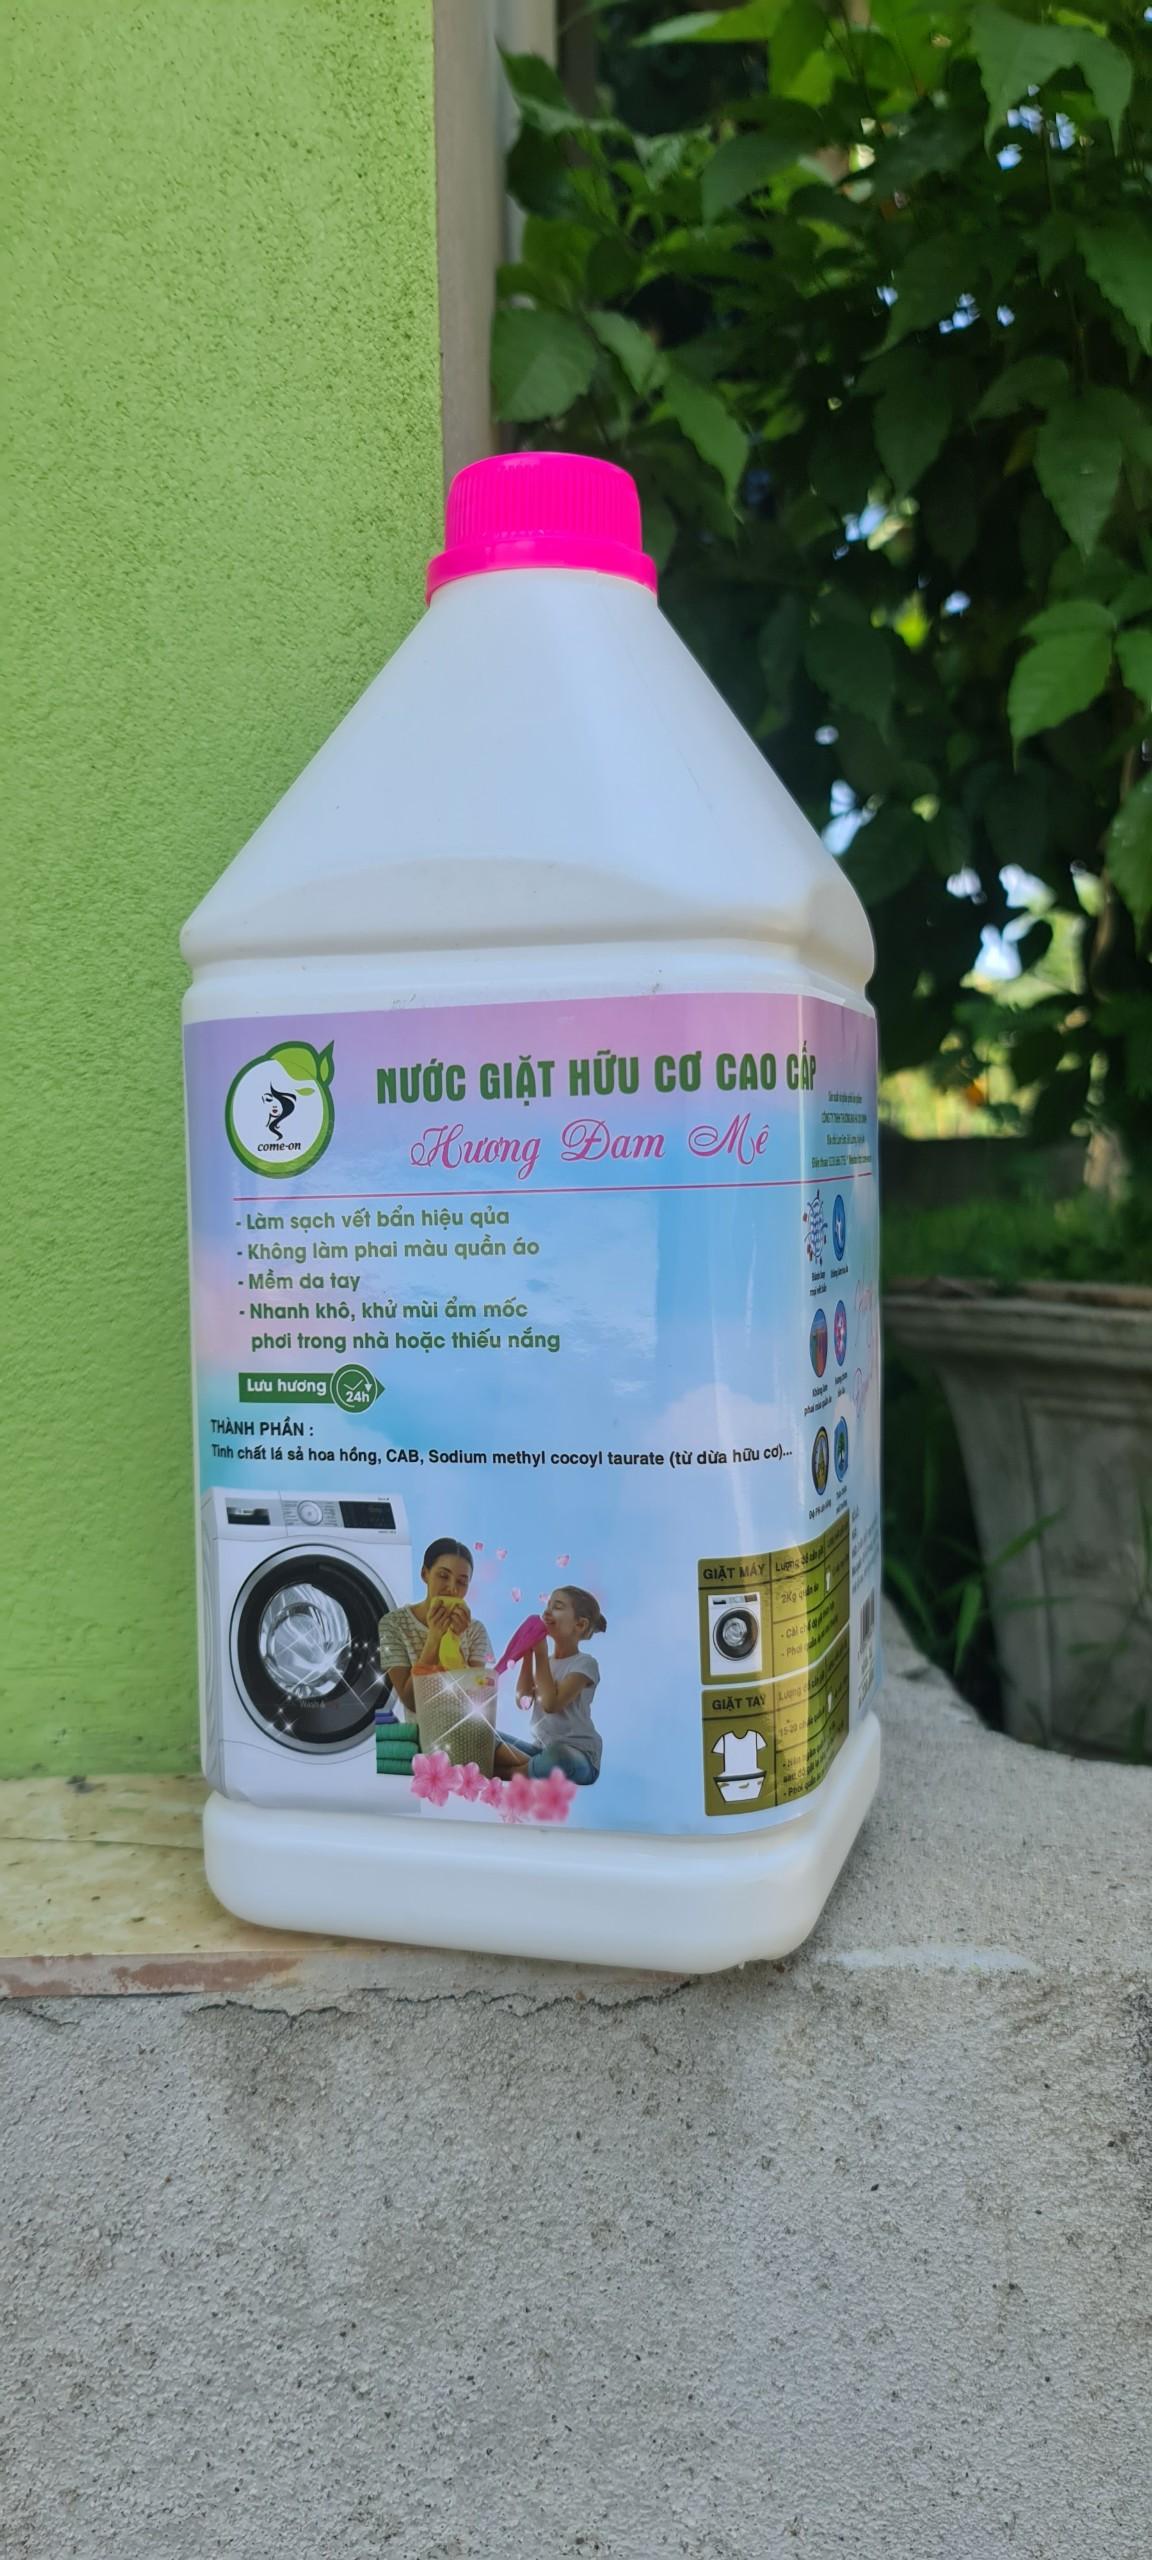 Nước giặt hữu cơ cao cấp